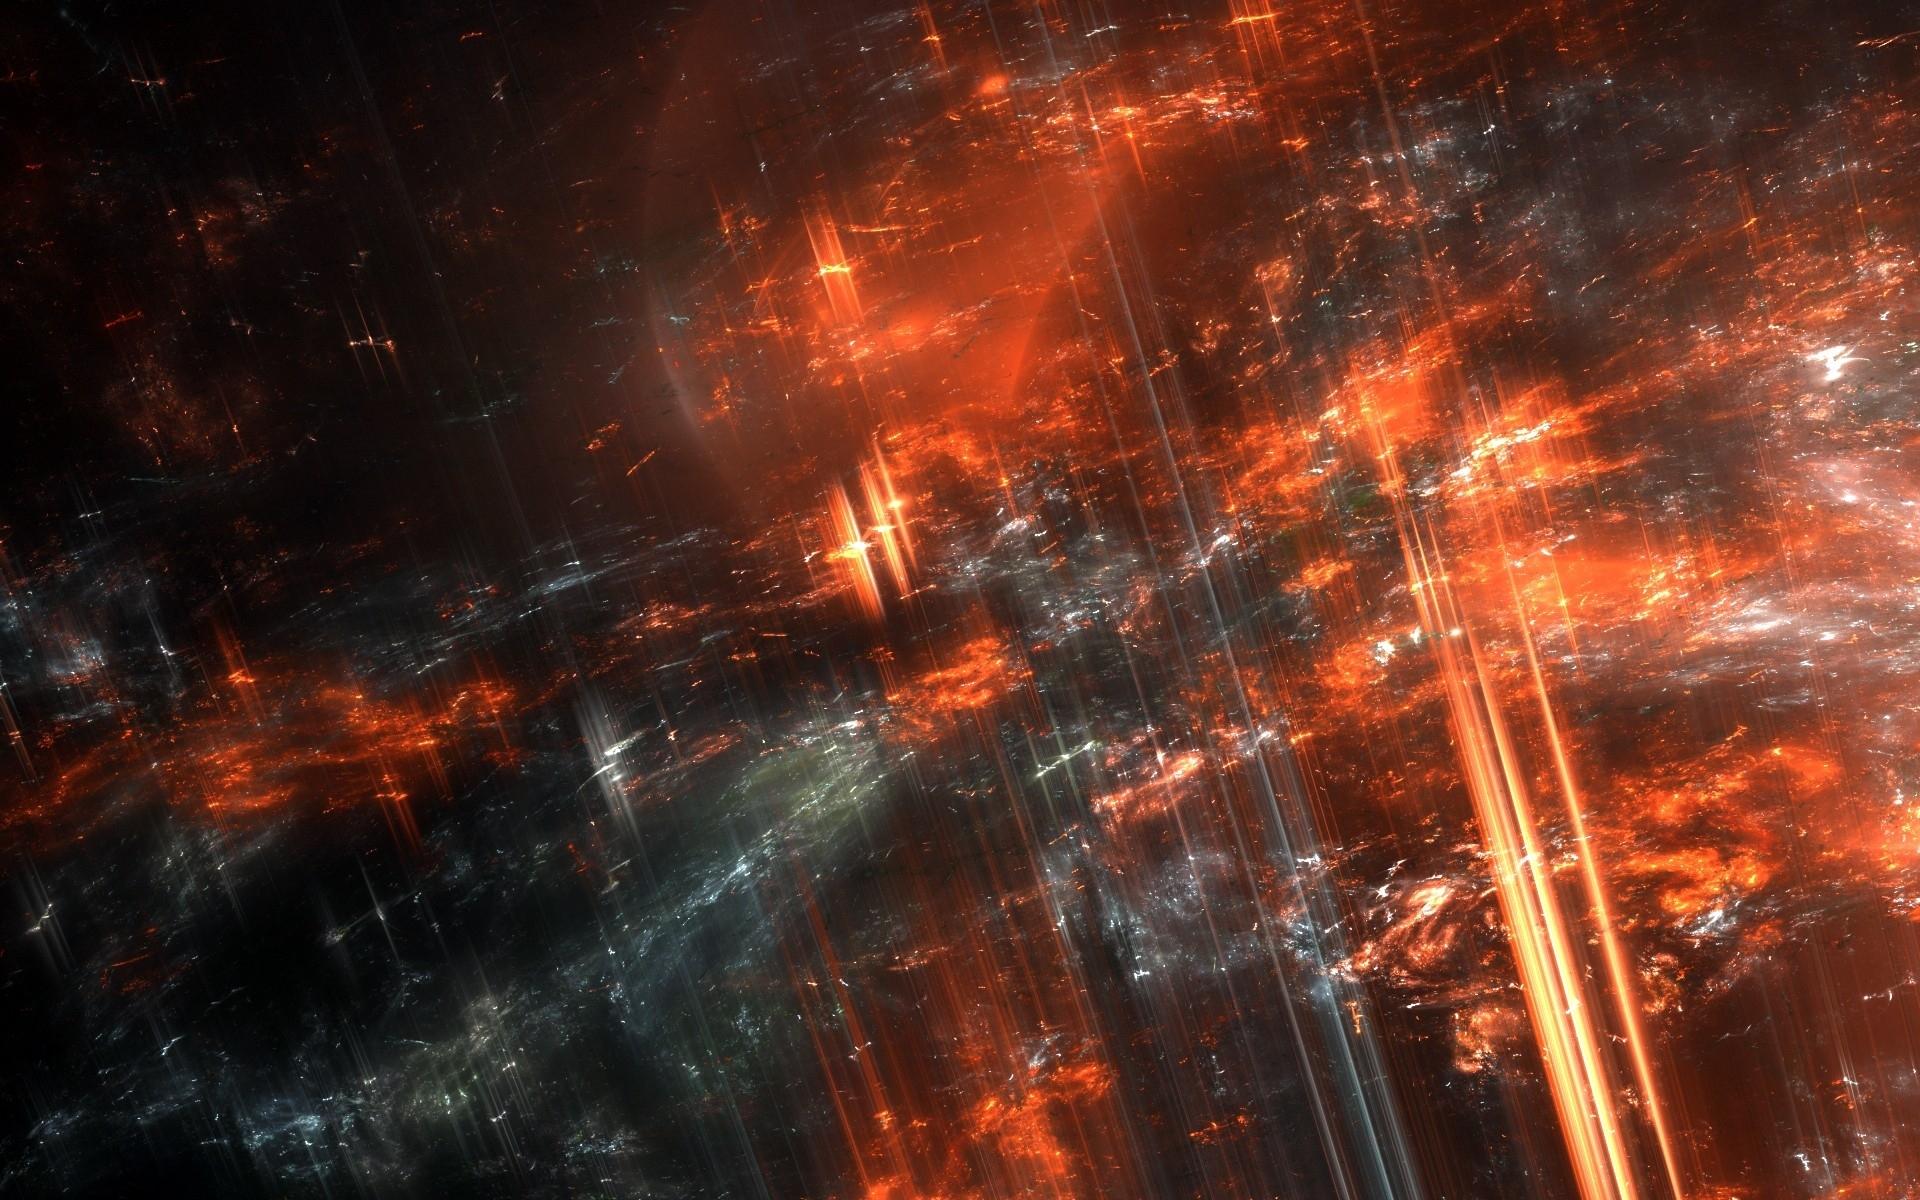 Wallpaper 1920x1200 px abstract ART CG dark digital fire 1920x1200